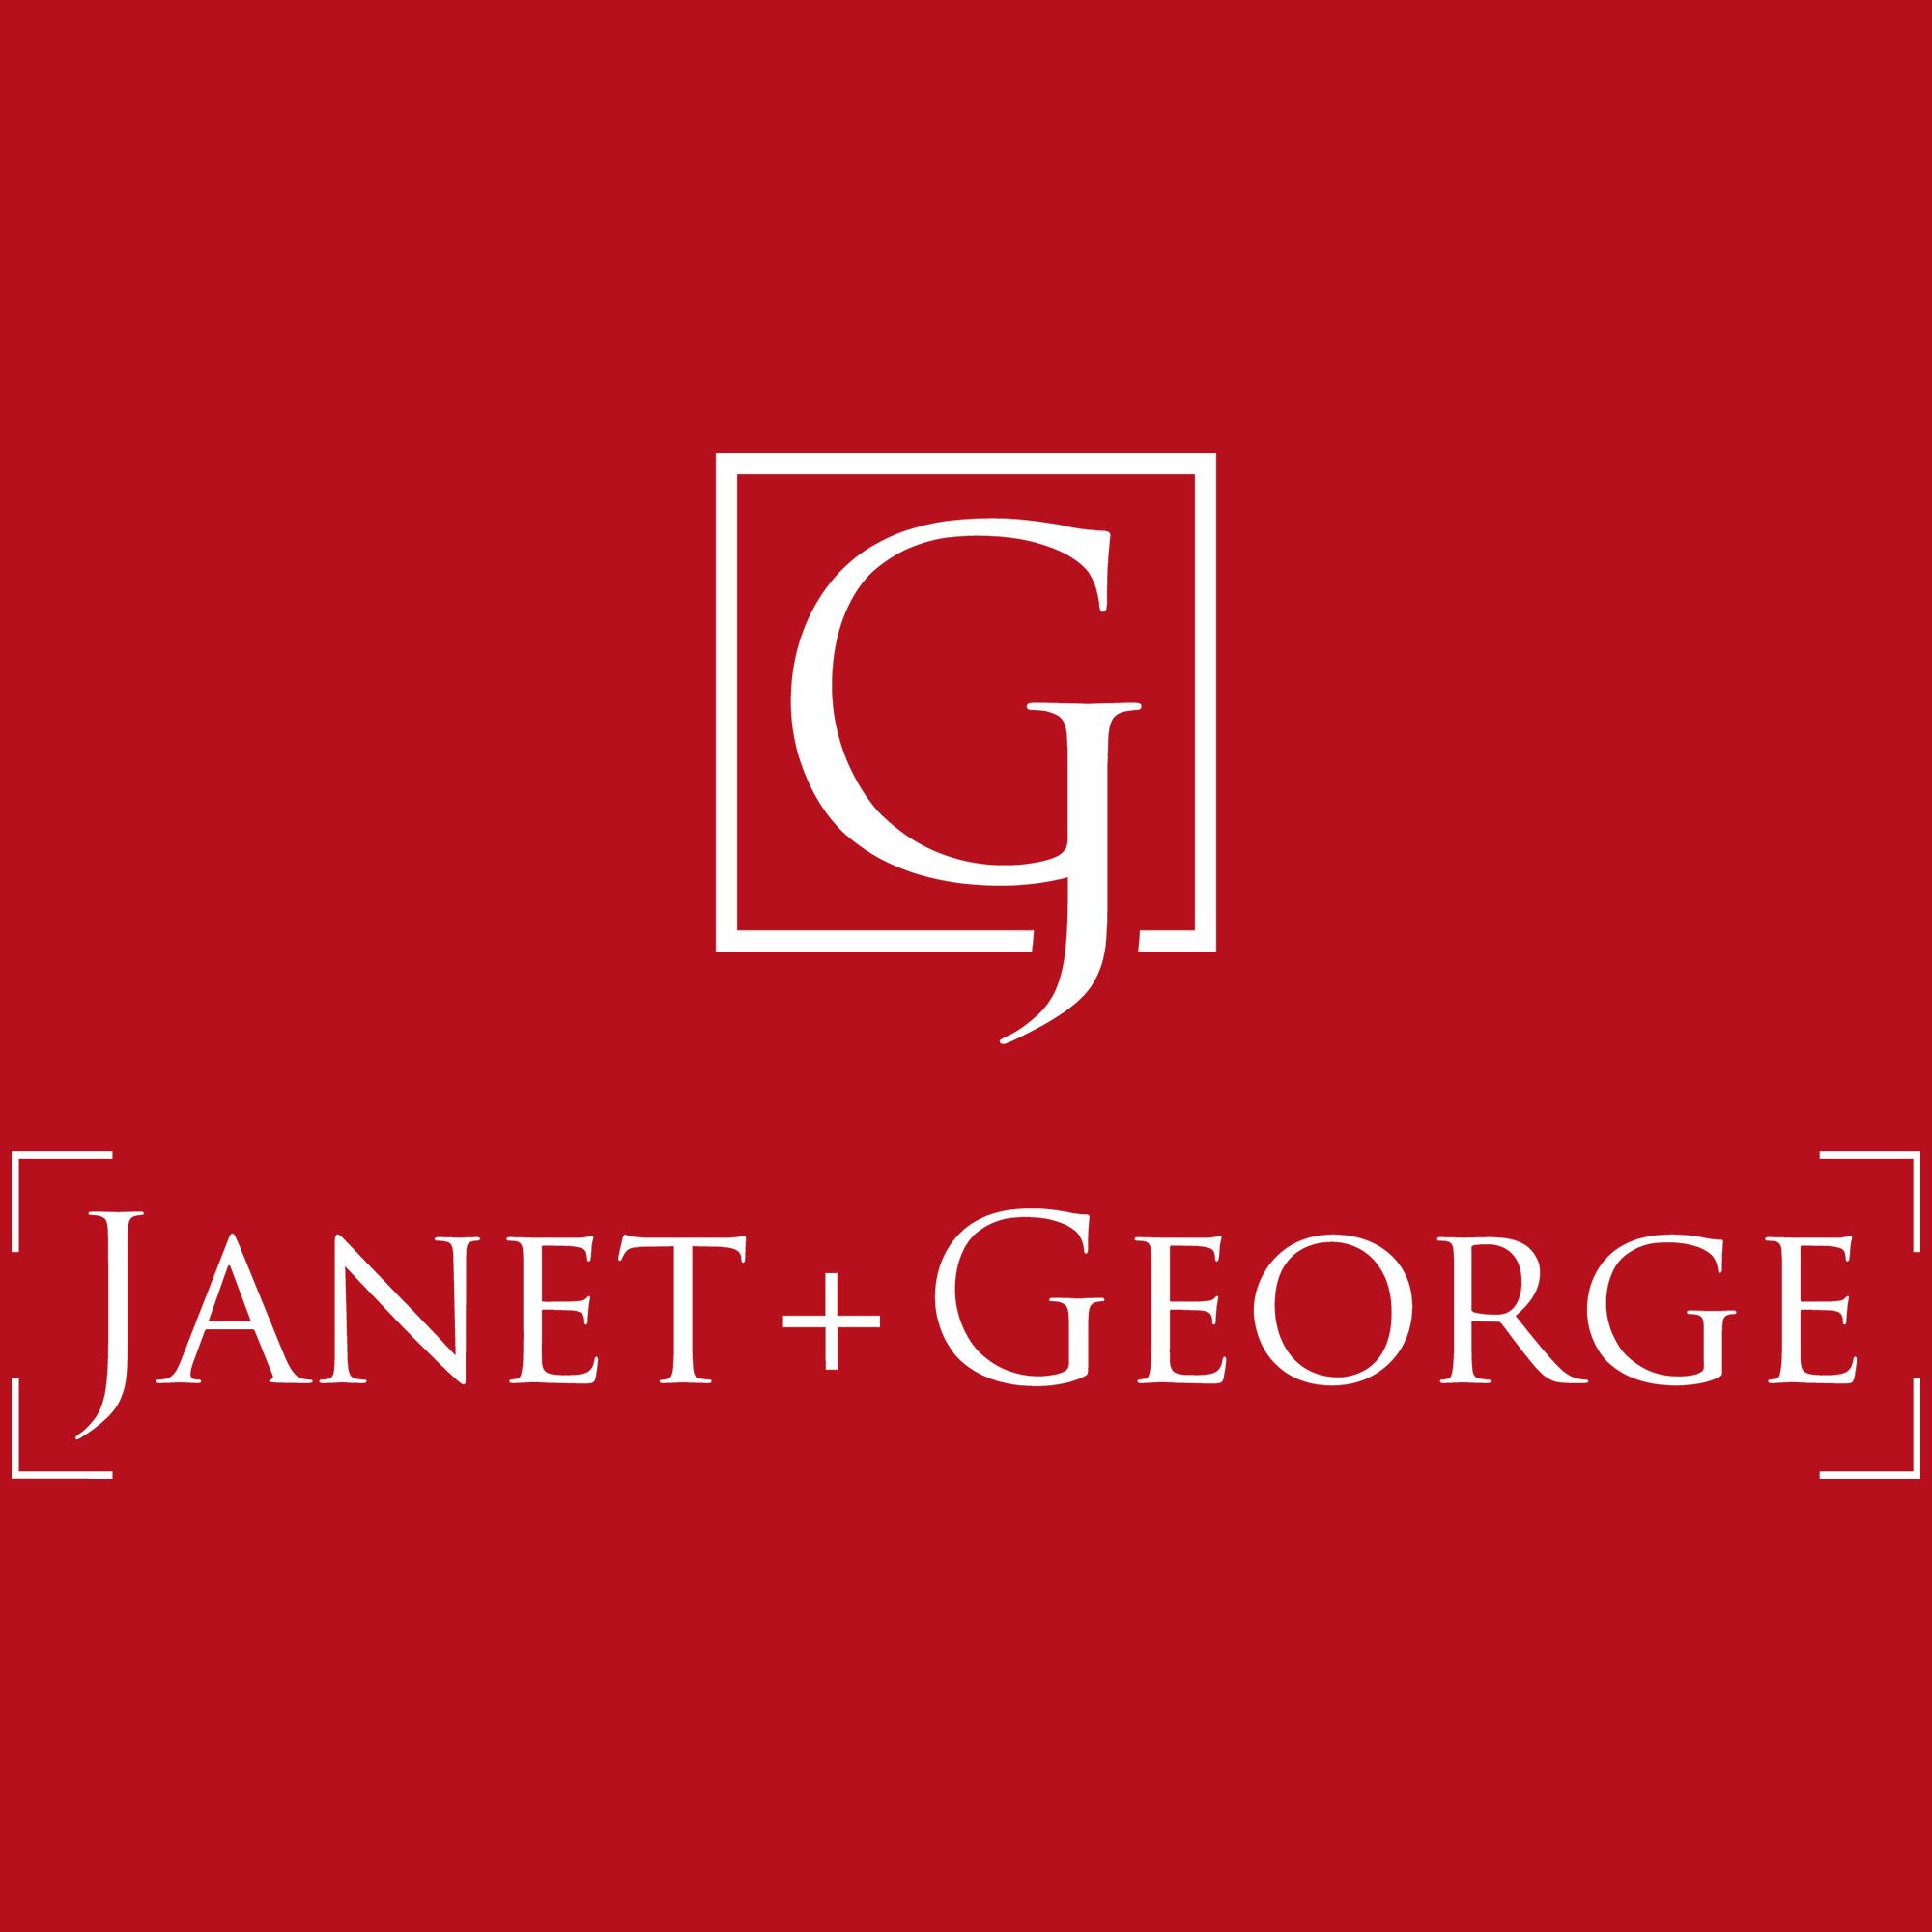 JANET + GEORGE